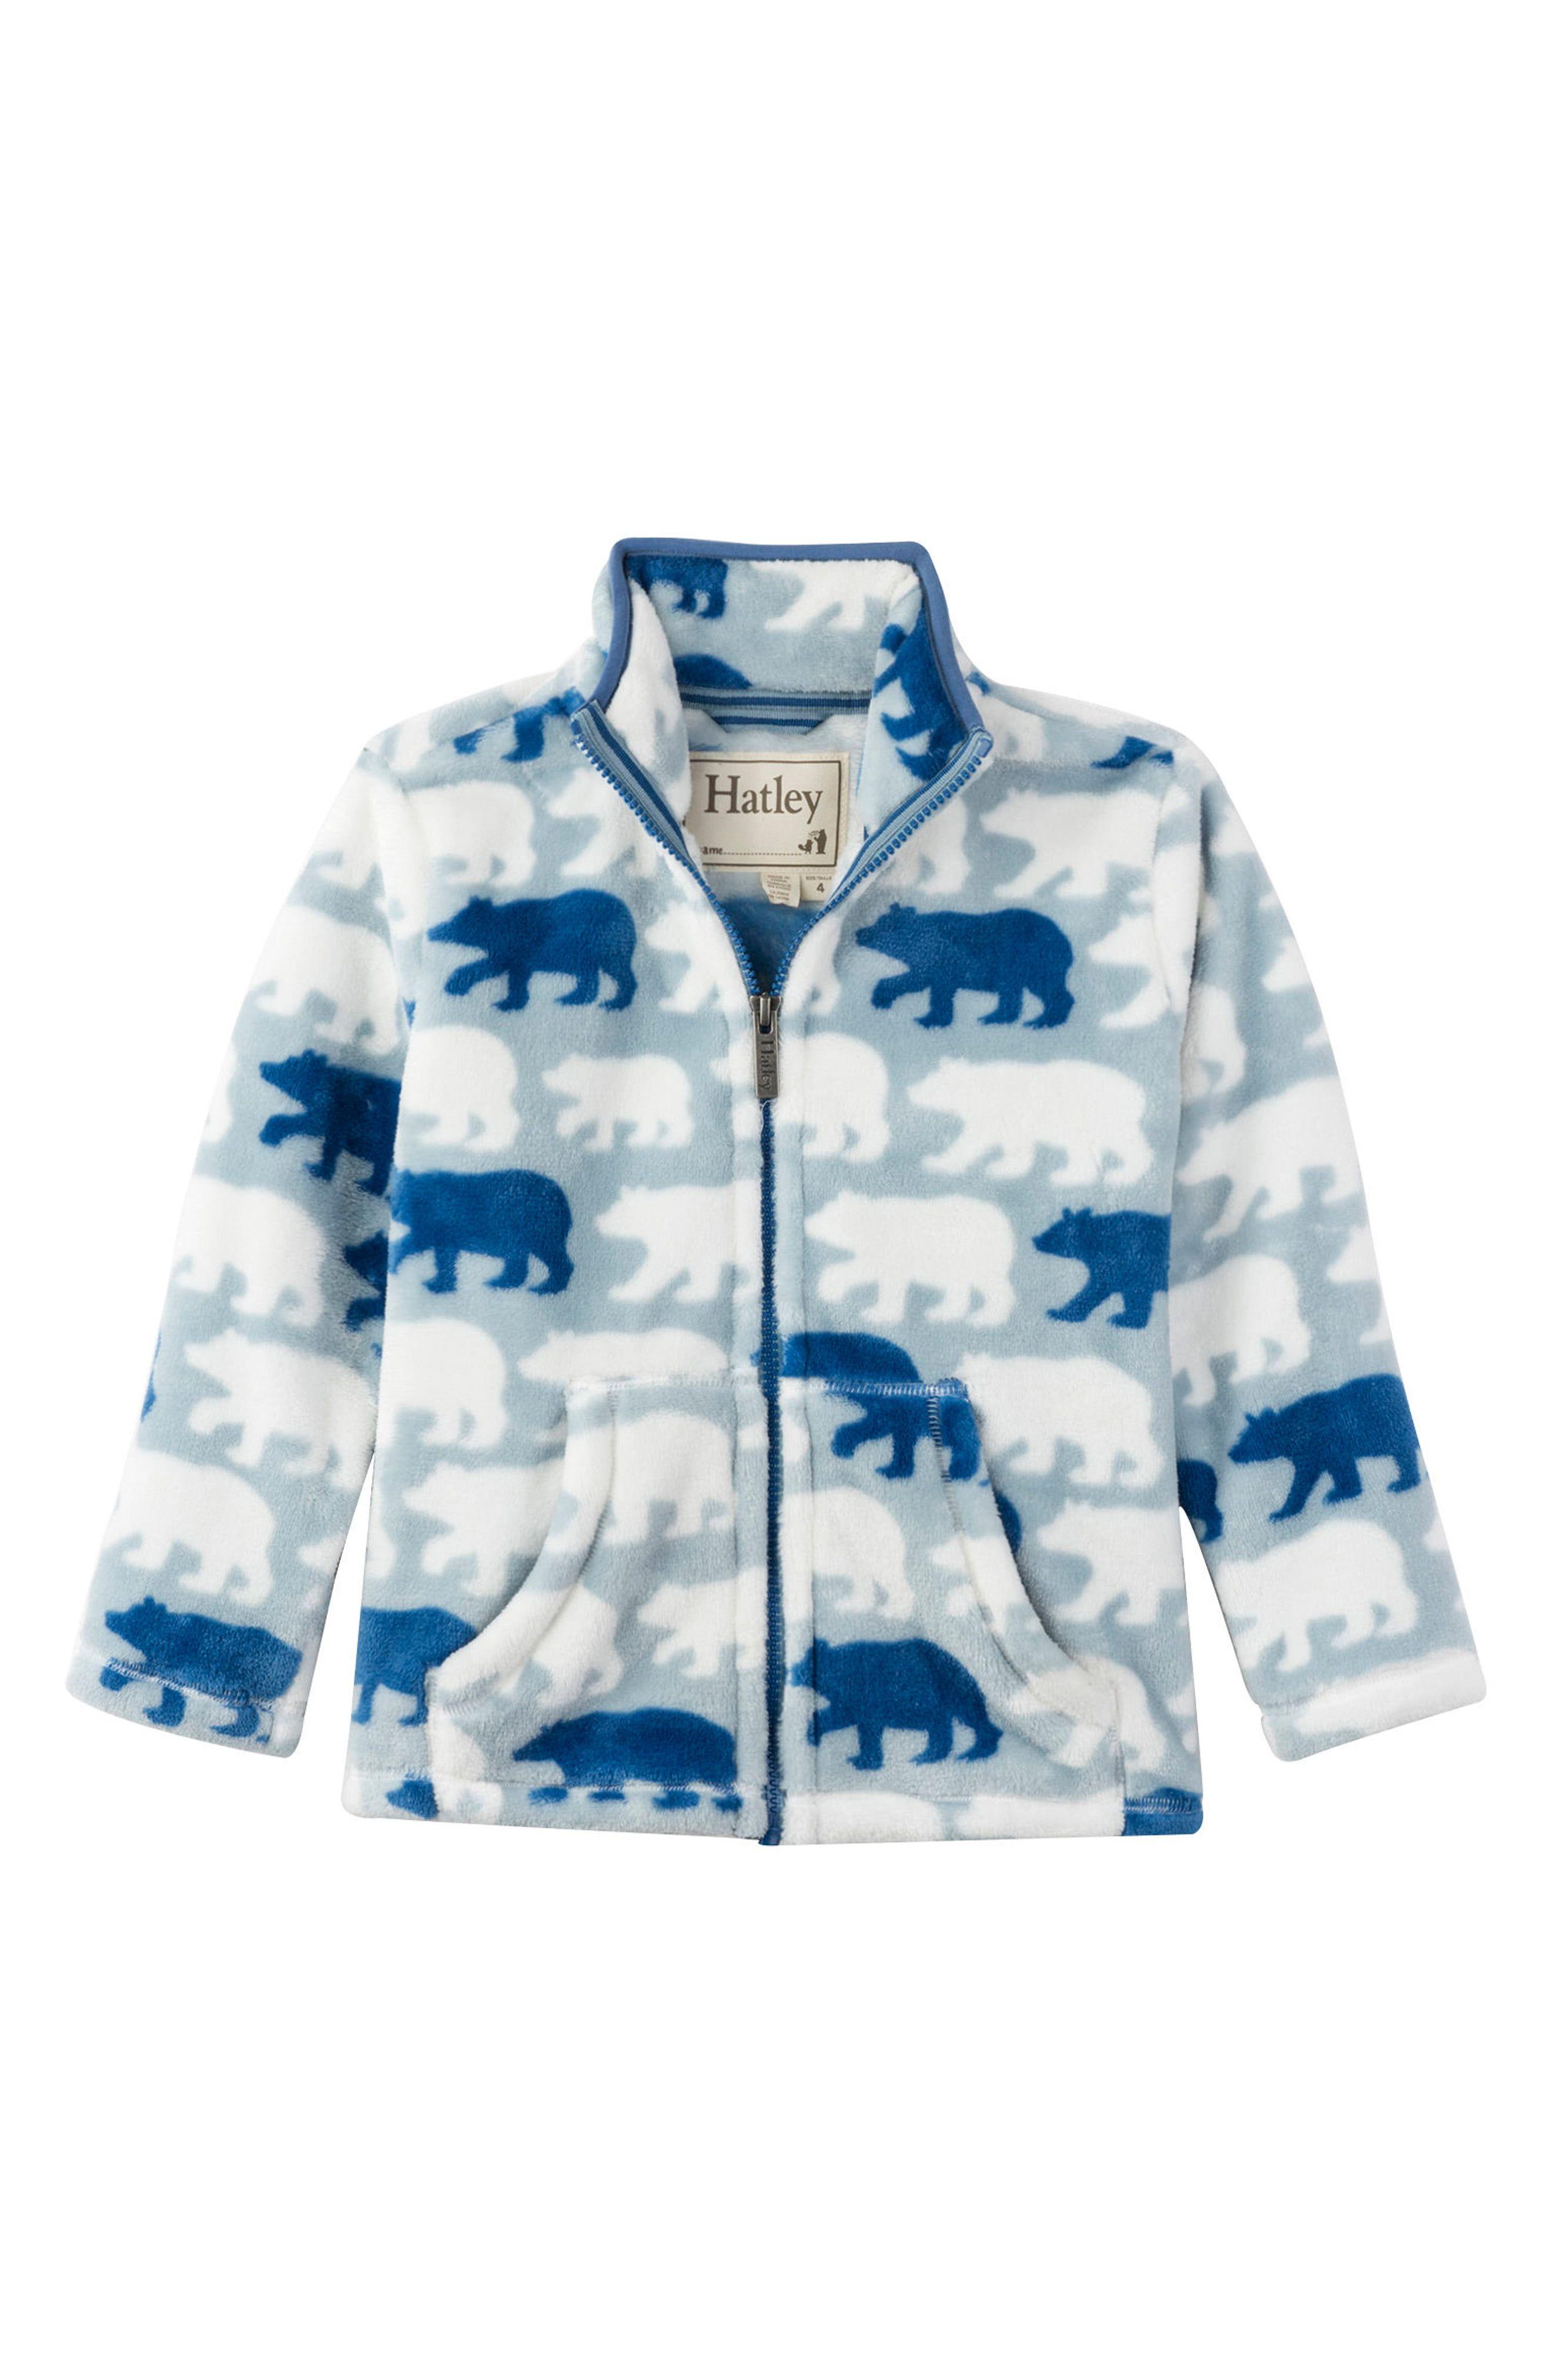 Kids Boys Toddler Clothes Striped Polar Fleece Zipper Jacket Coat Top Outerwear